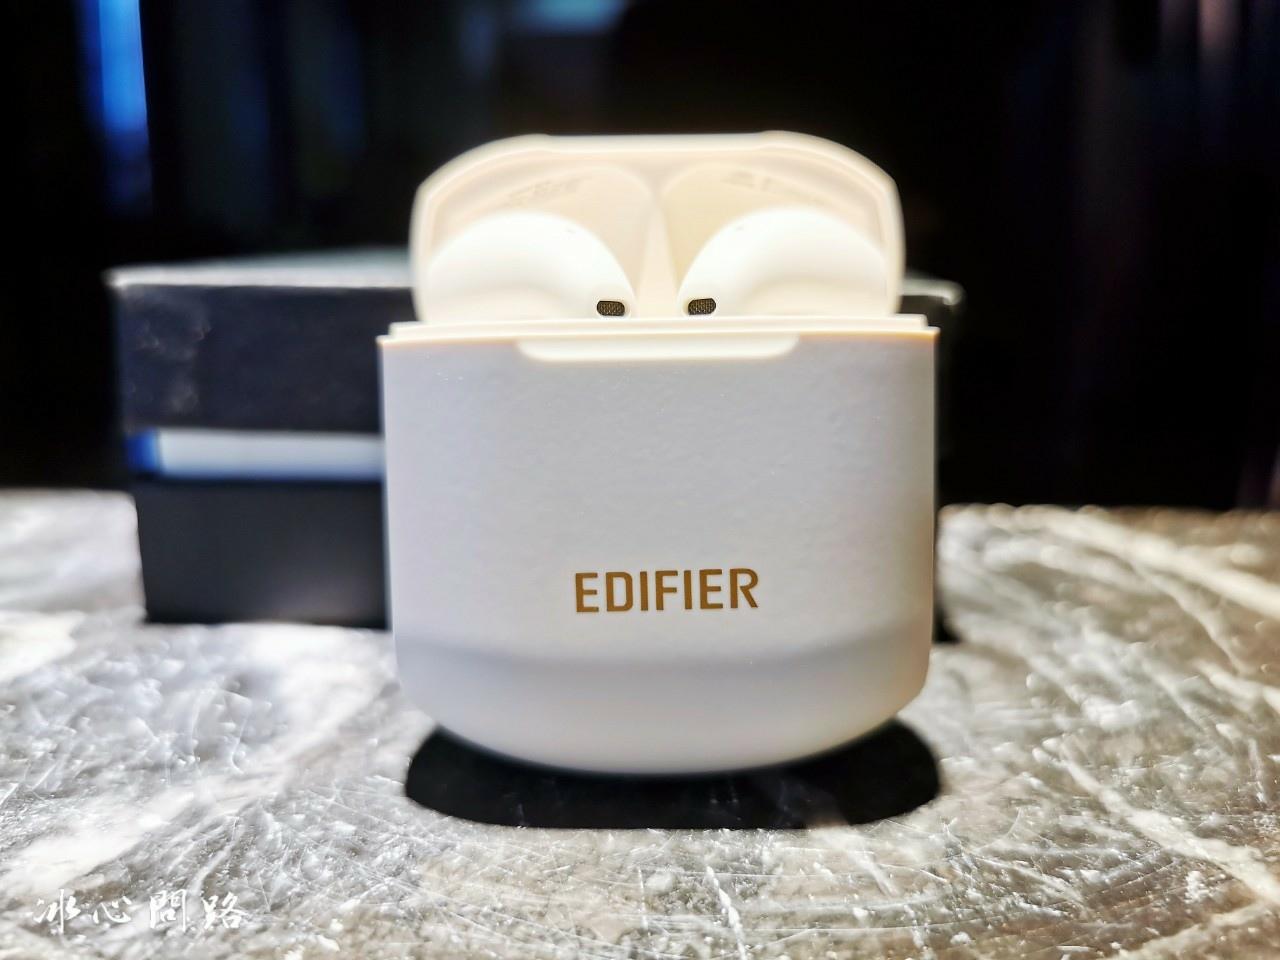 好用的藍芽耳機漫步者(EDIFIER)LolliPods Plus  冰心問路 (5).jpg